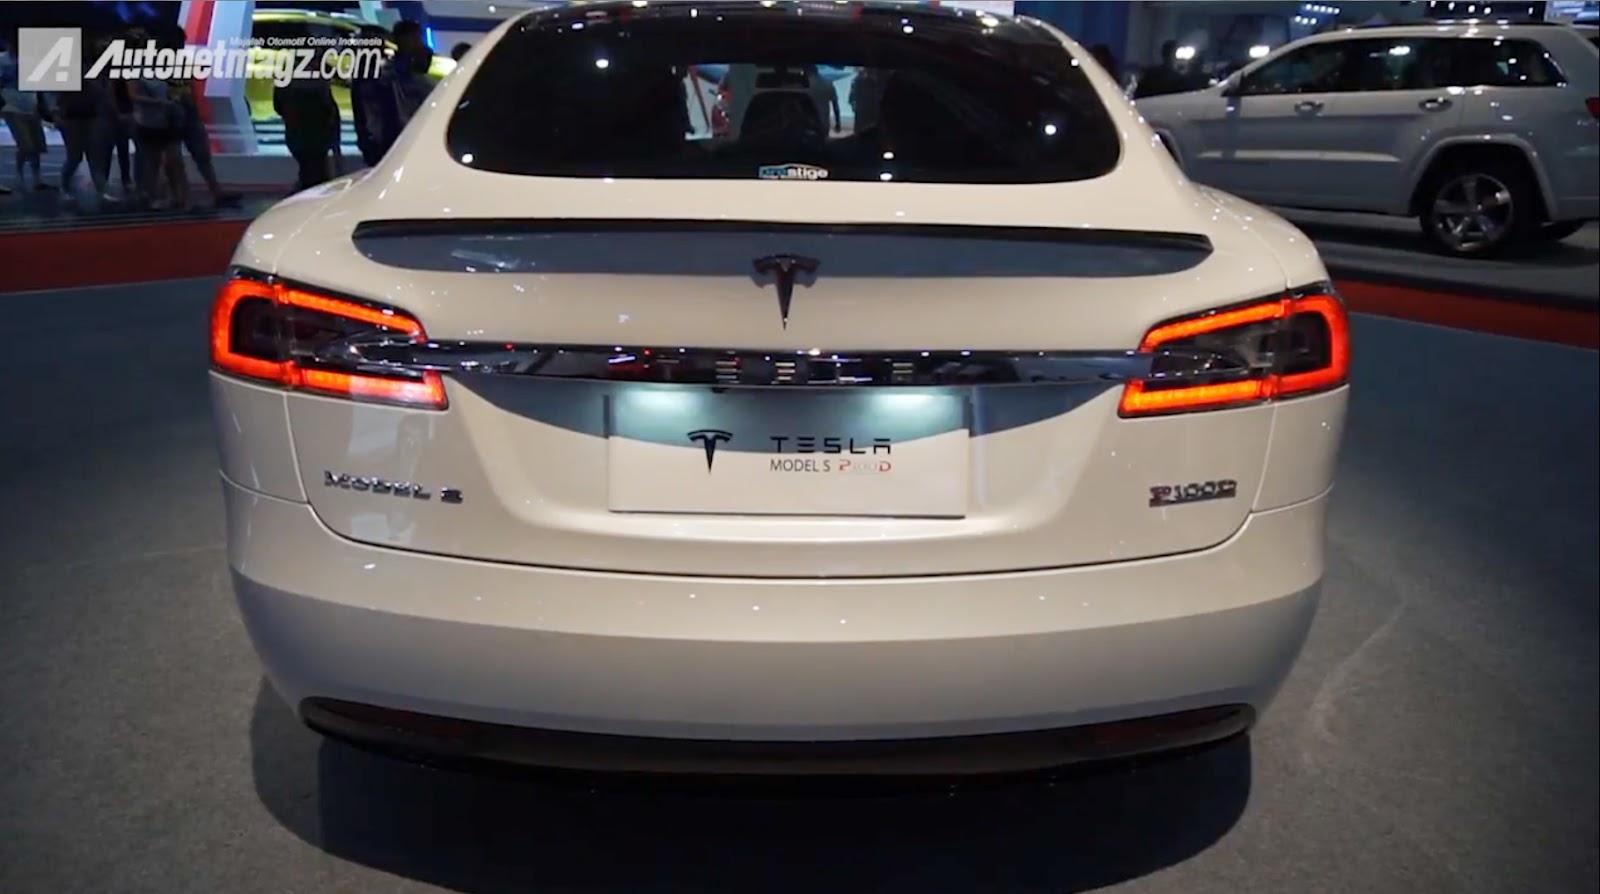 Bedah Teknologi Mobil Listrik Terkencang Tesla Model S P100d Iman Rohimayanto S Blog